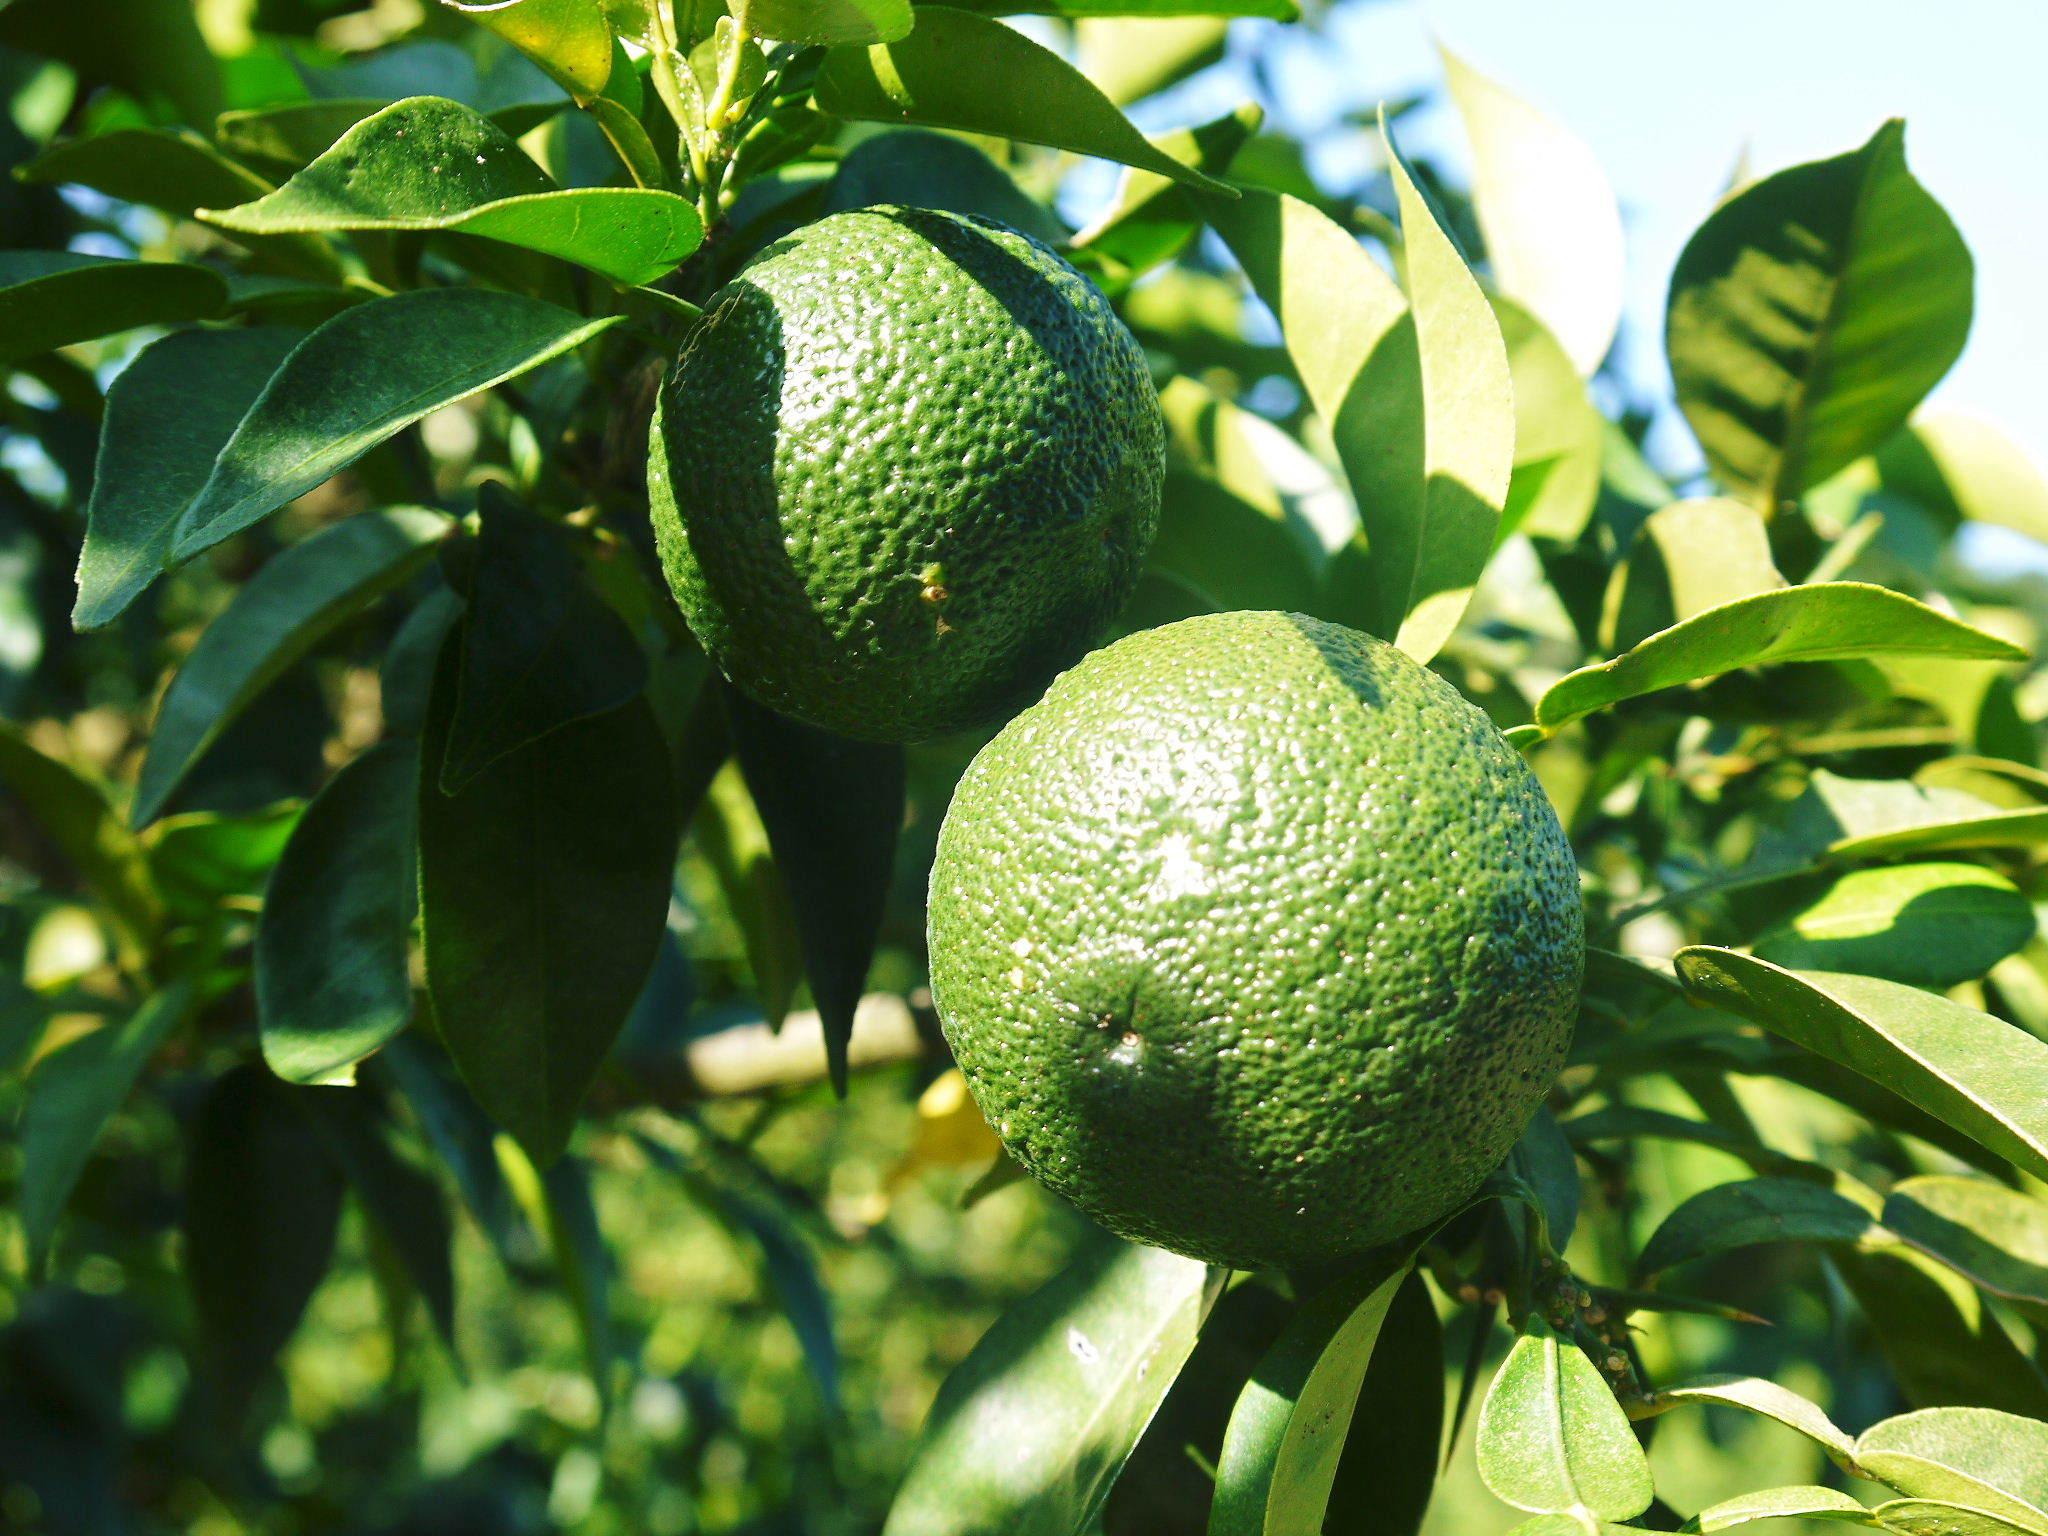 香り高き柚子(ゆず)令和2年の青柚子は9月中旬より出荷予定!今のうち青唐辛子を購入しておいて下さい!_a0254656_18204290.jpg